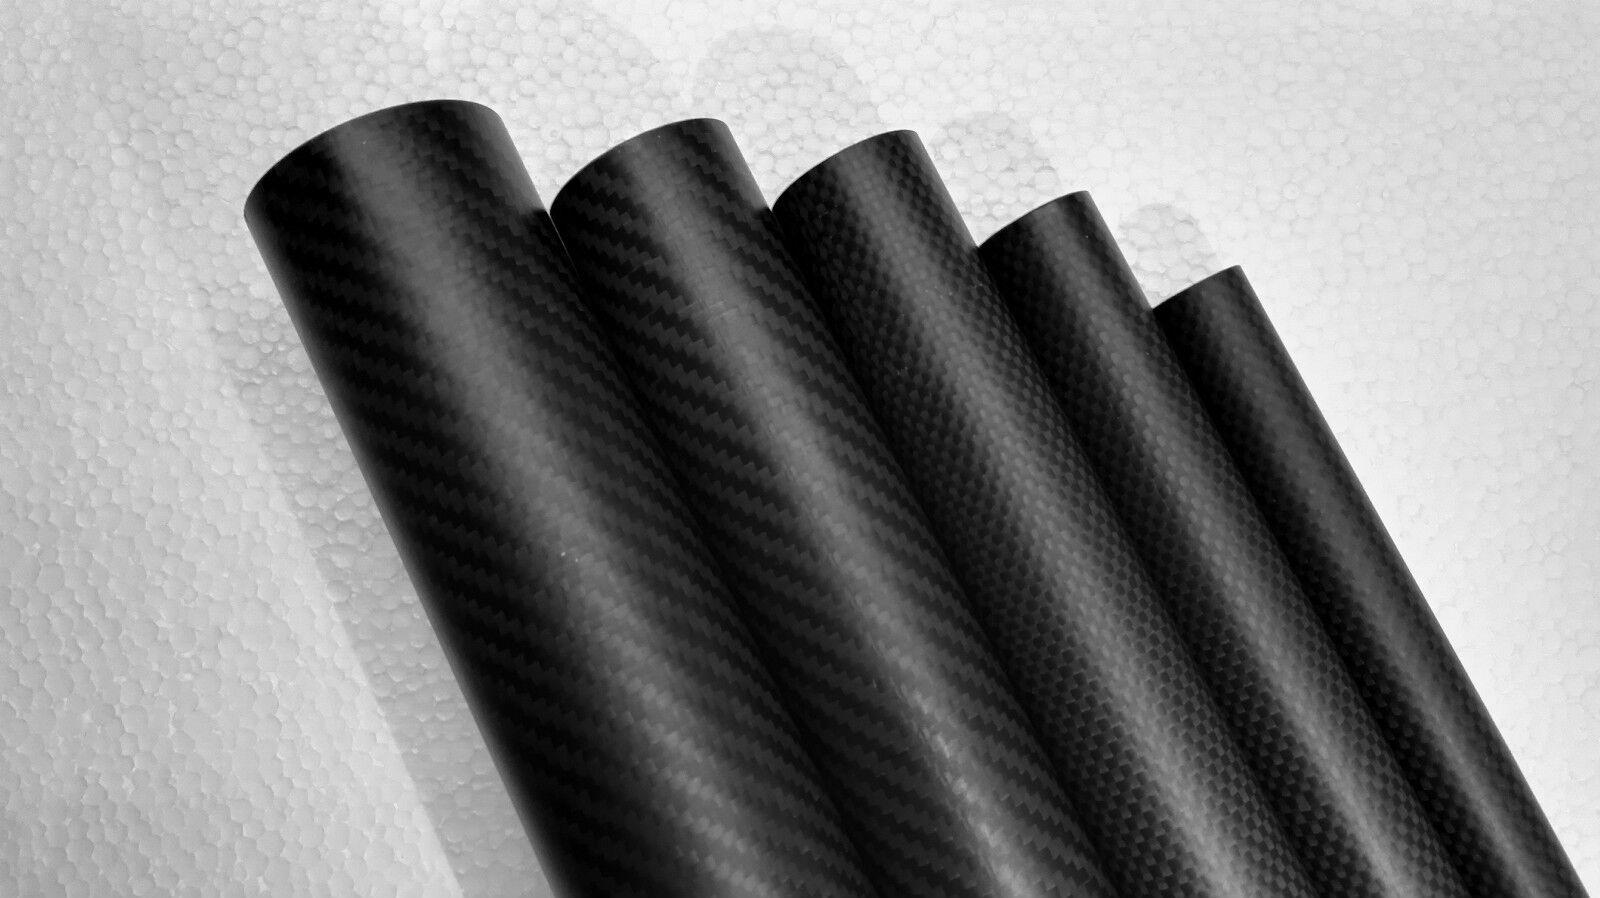 3k Carbon Fiber Tube 38mm 40mm 42mm 45mm 50mm 50mm 50mm 60mm Large size Tubing pipe AU 3edd59